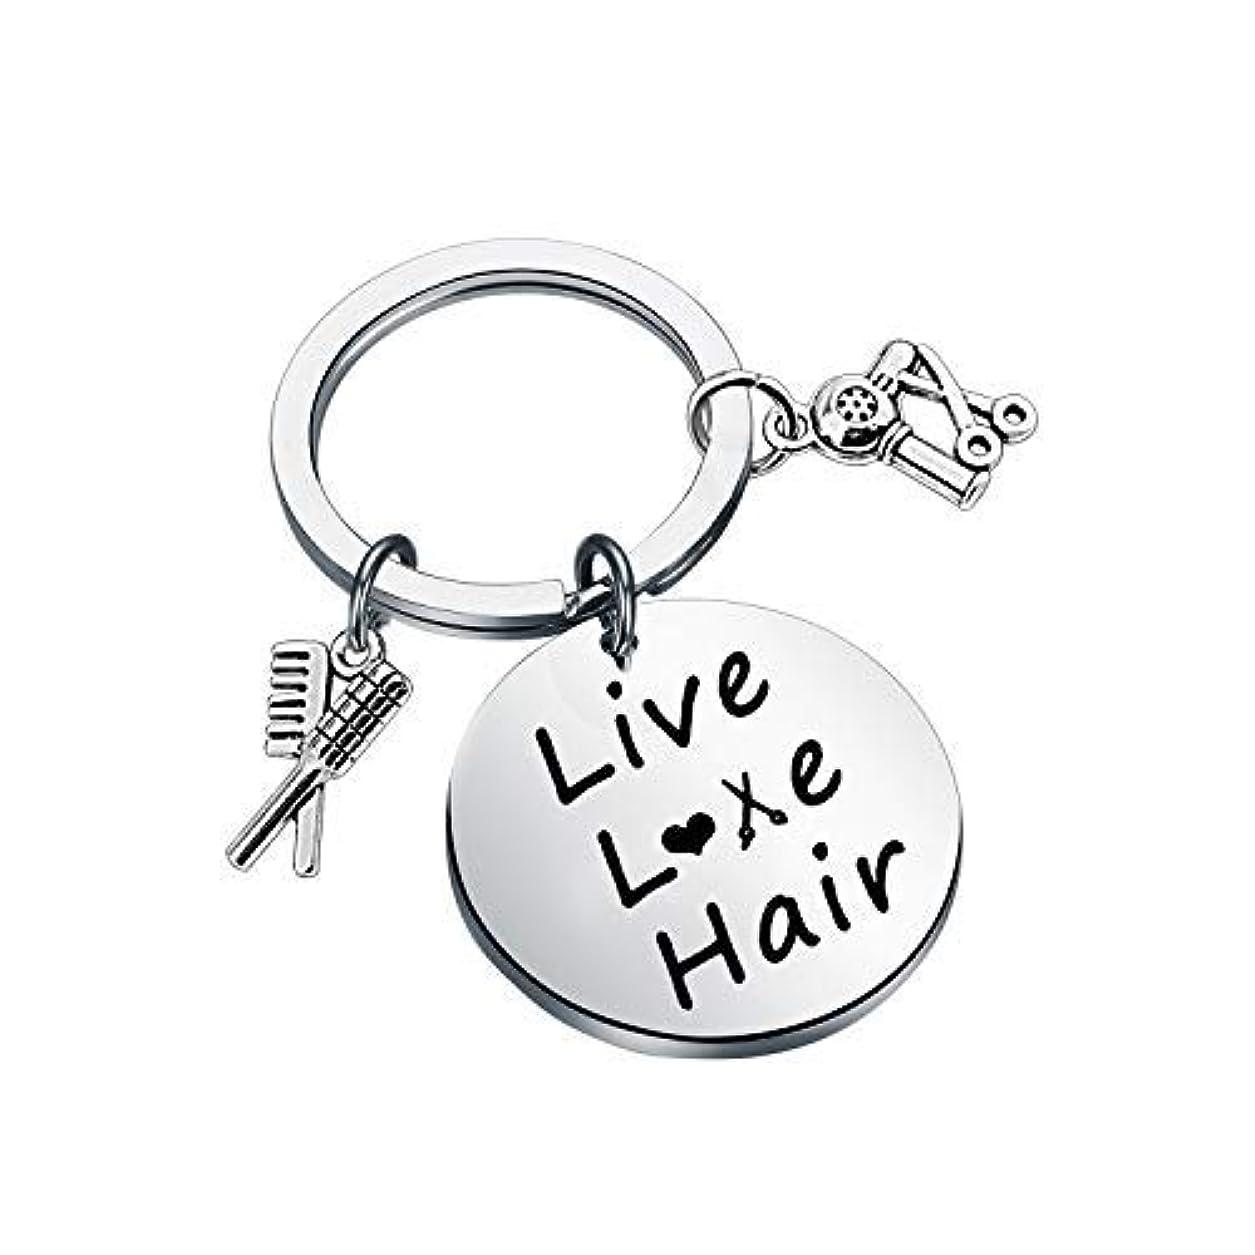 ジェスチャー侵入する有毒FUSTMW Hair Stylist Gift Hairdresser Keychain Stylist Scissor Comb Charm Pendant Hair Cutter Barber Gift [並行輸入品]